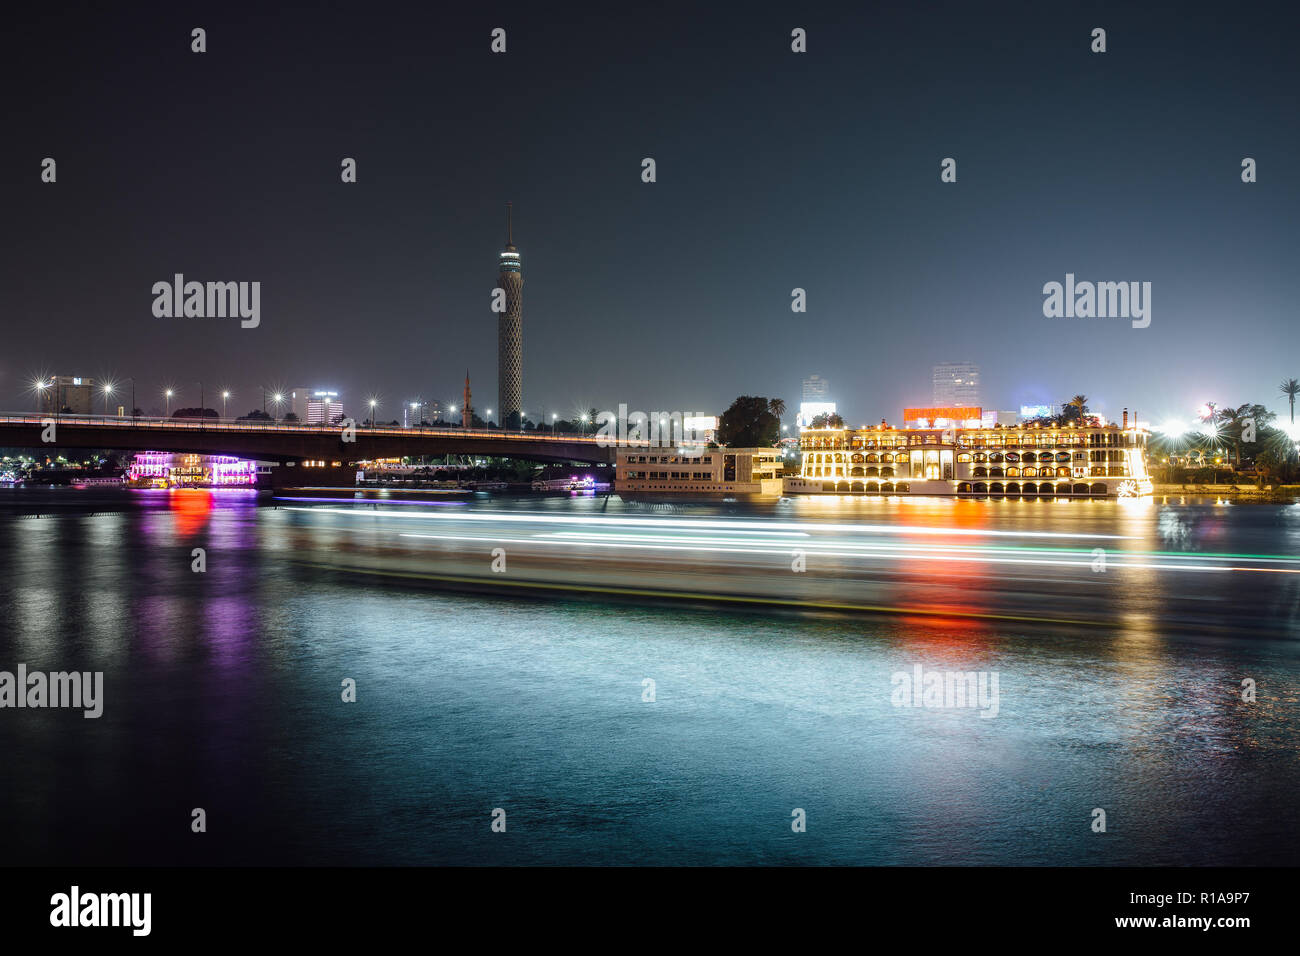 El centro de la ciudad de El Cairo por la noche, la larga exposición con estelas de luz moviéndose de botes en el río Nilo. Foto de stock